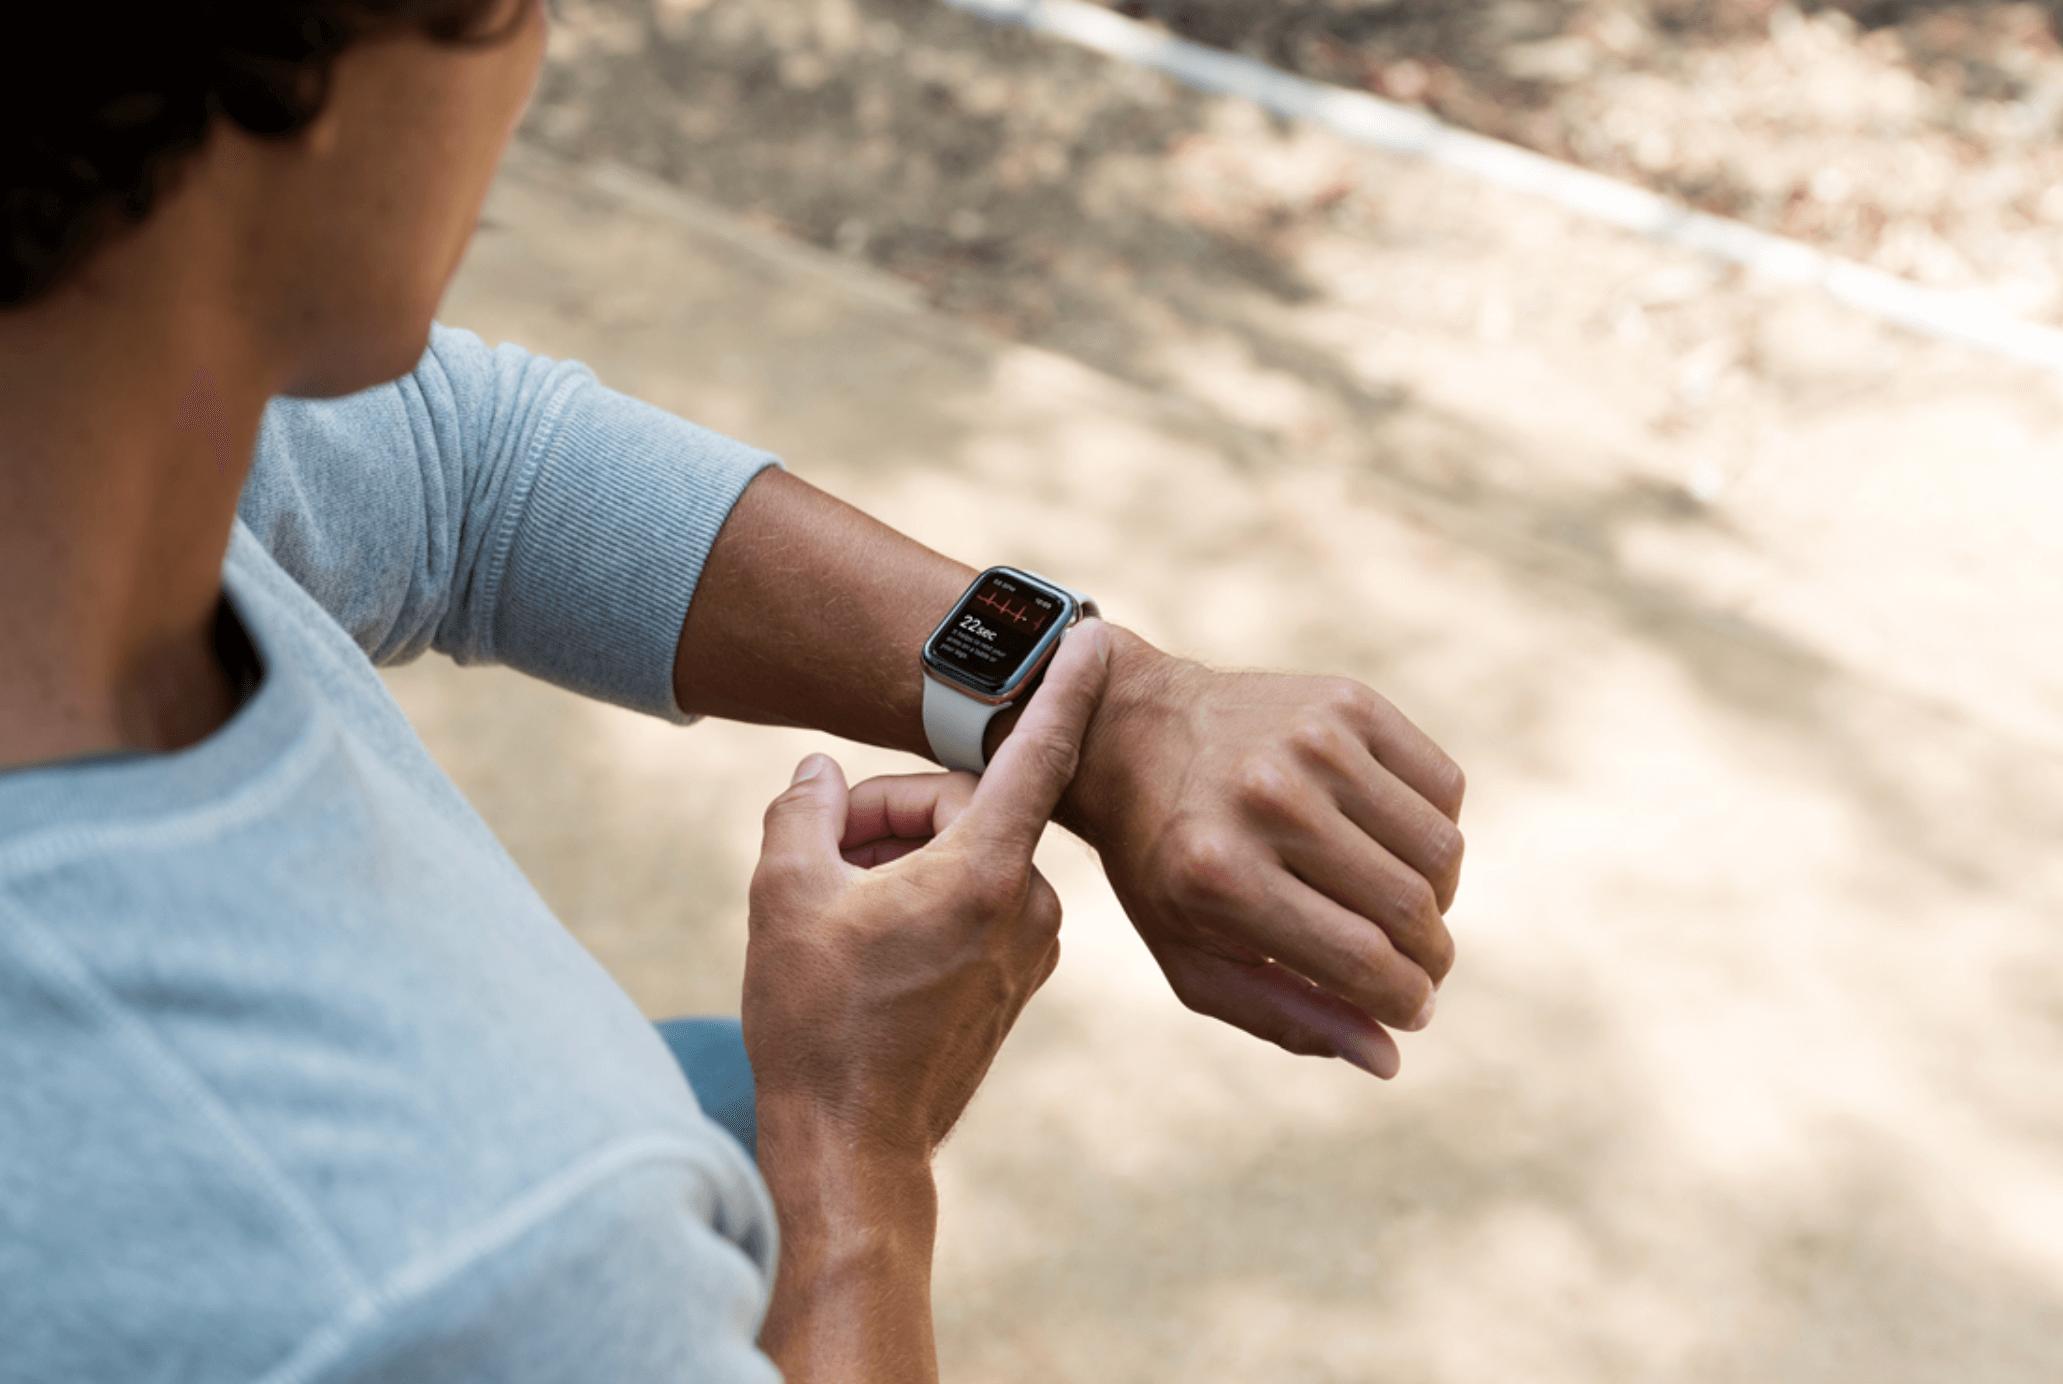 Apple Watch EKG - Apple